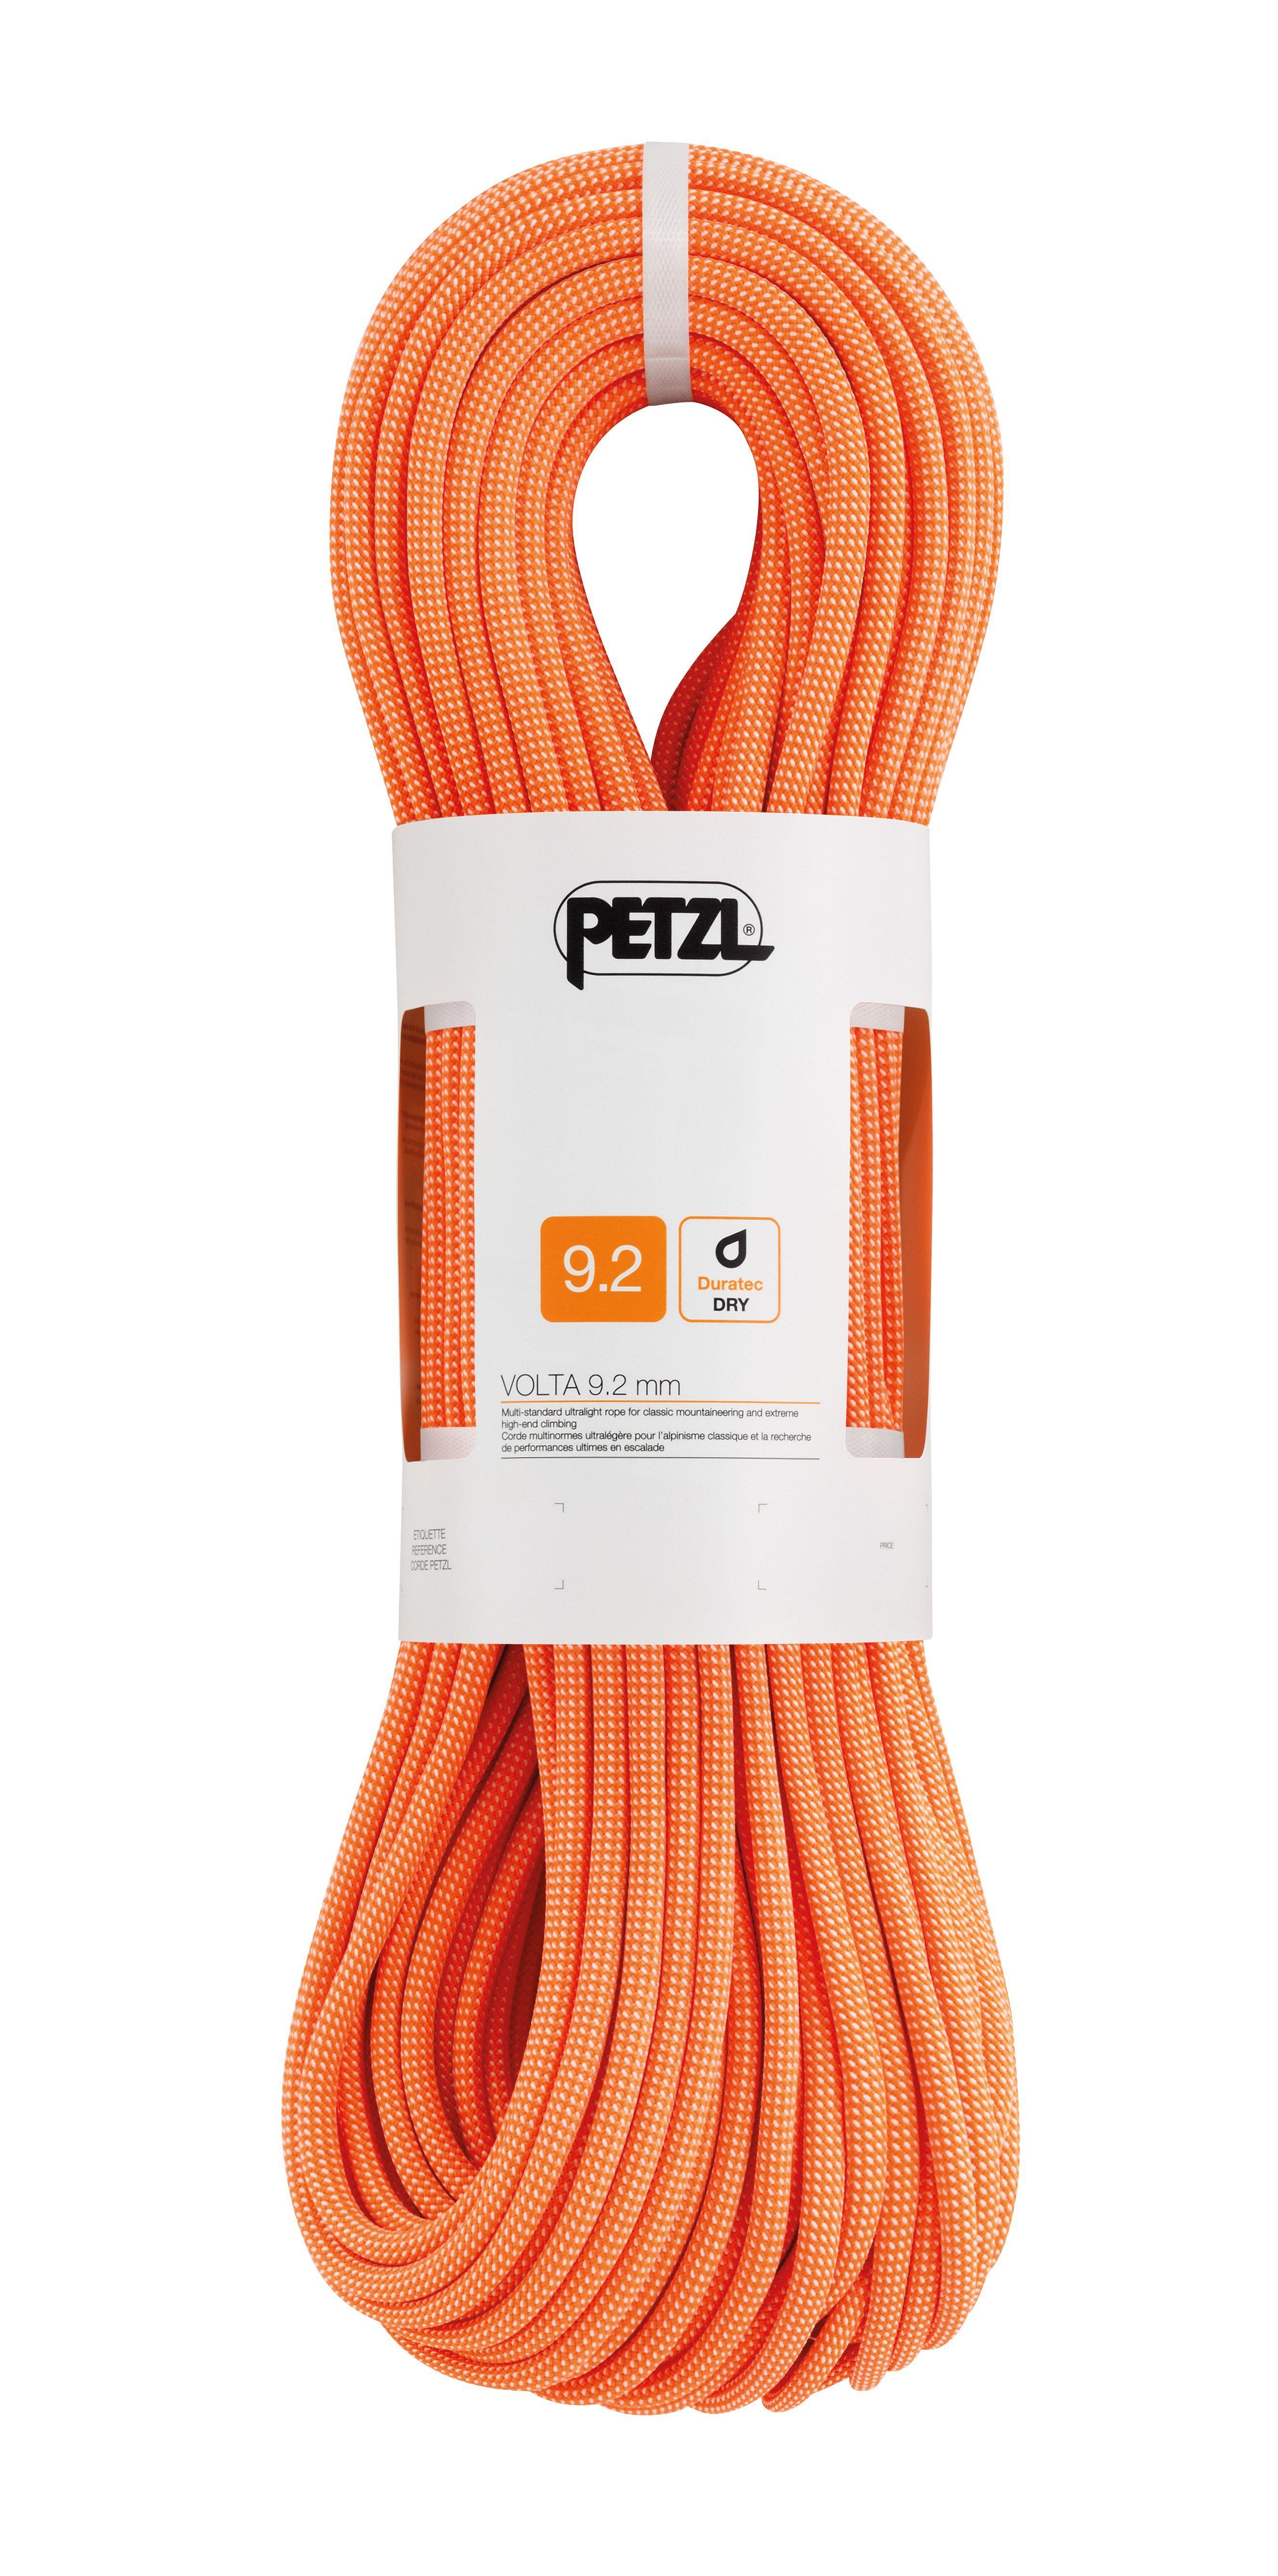 Petzl - Volta 9,2 mm - Cuerda de escalada